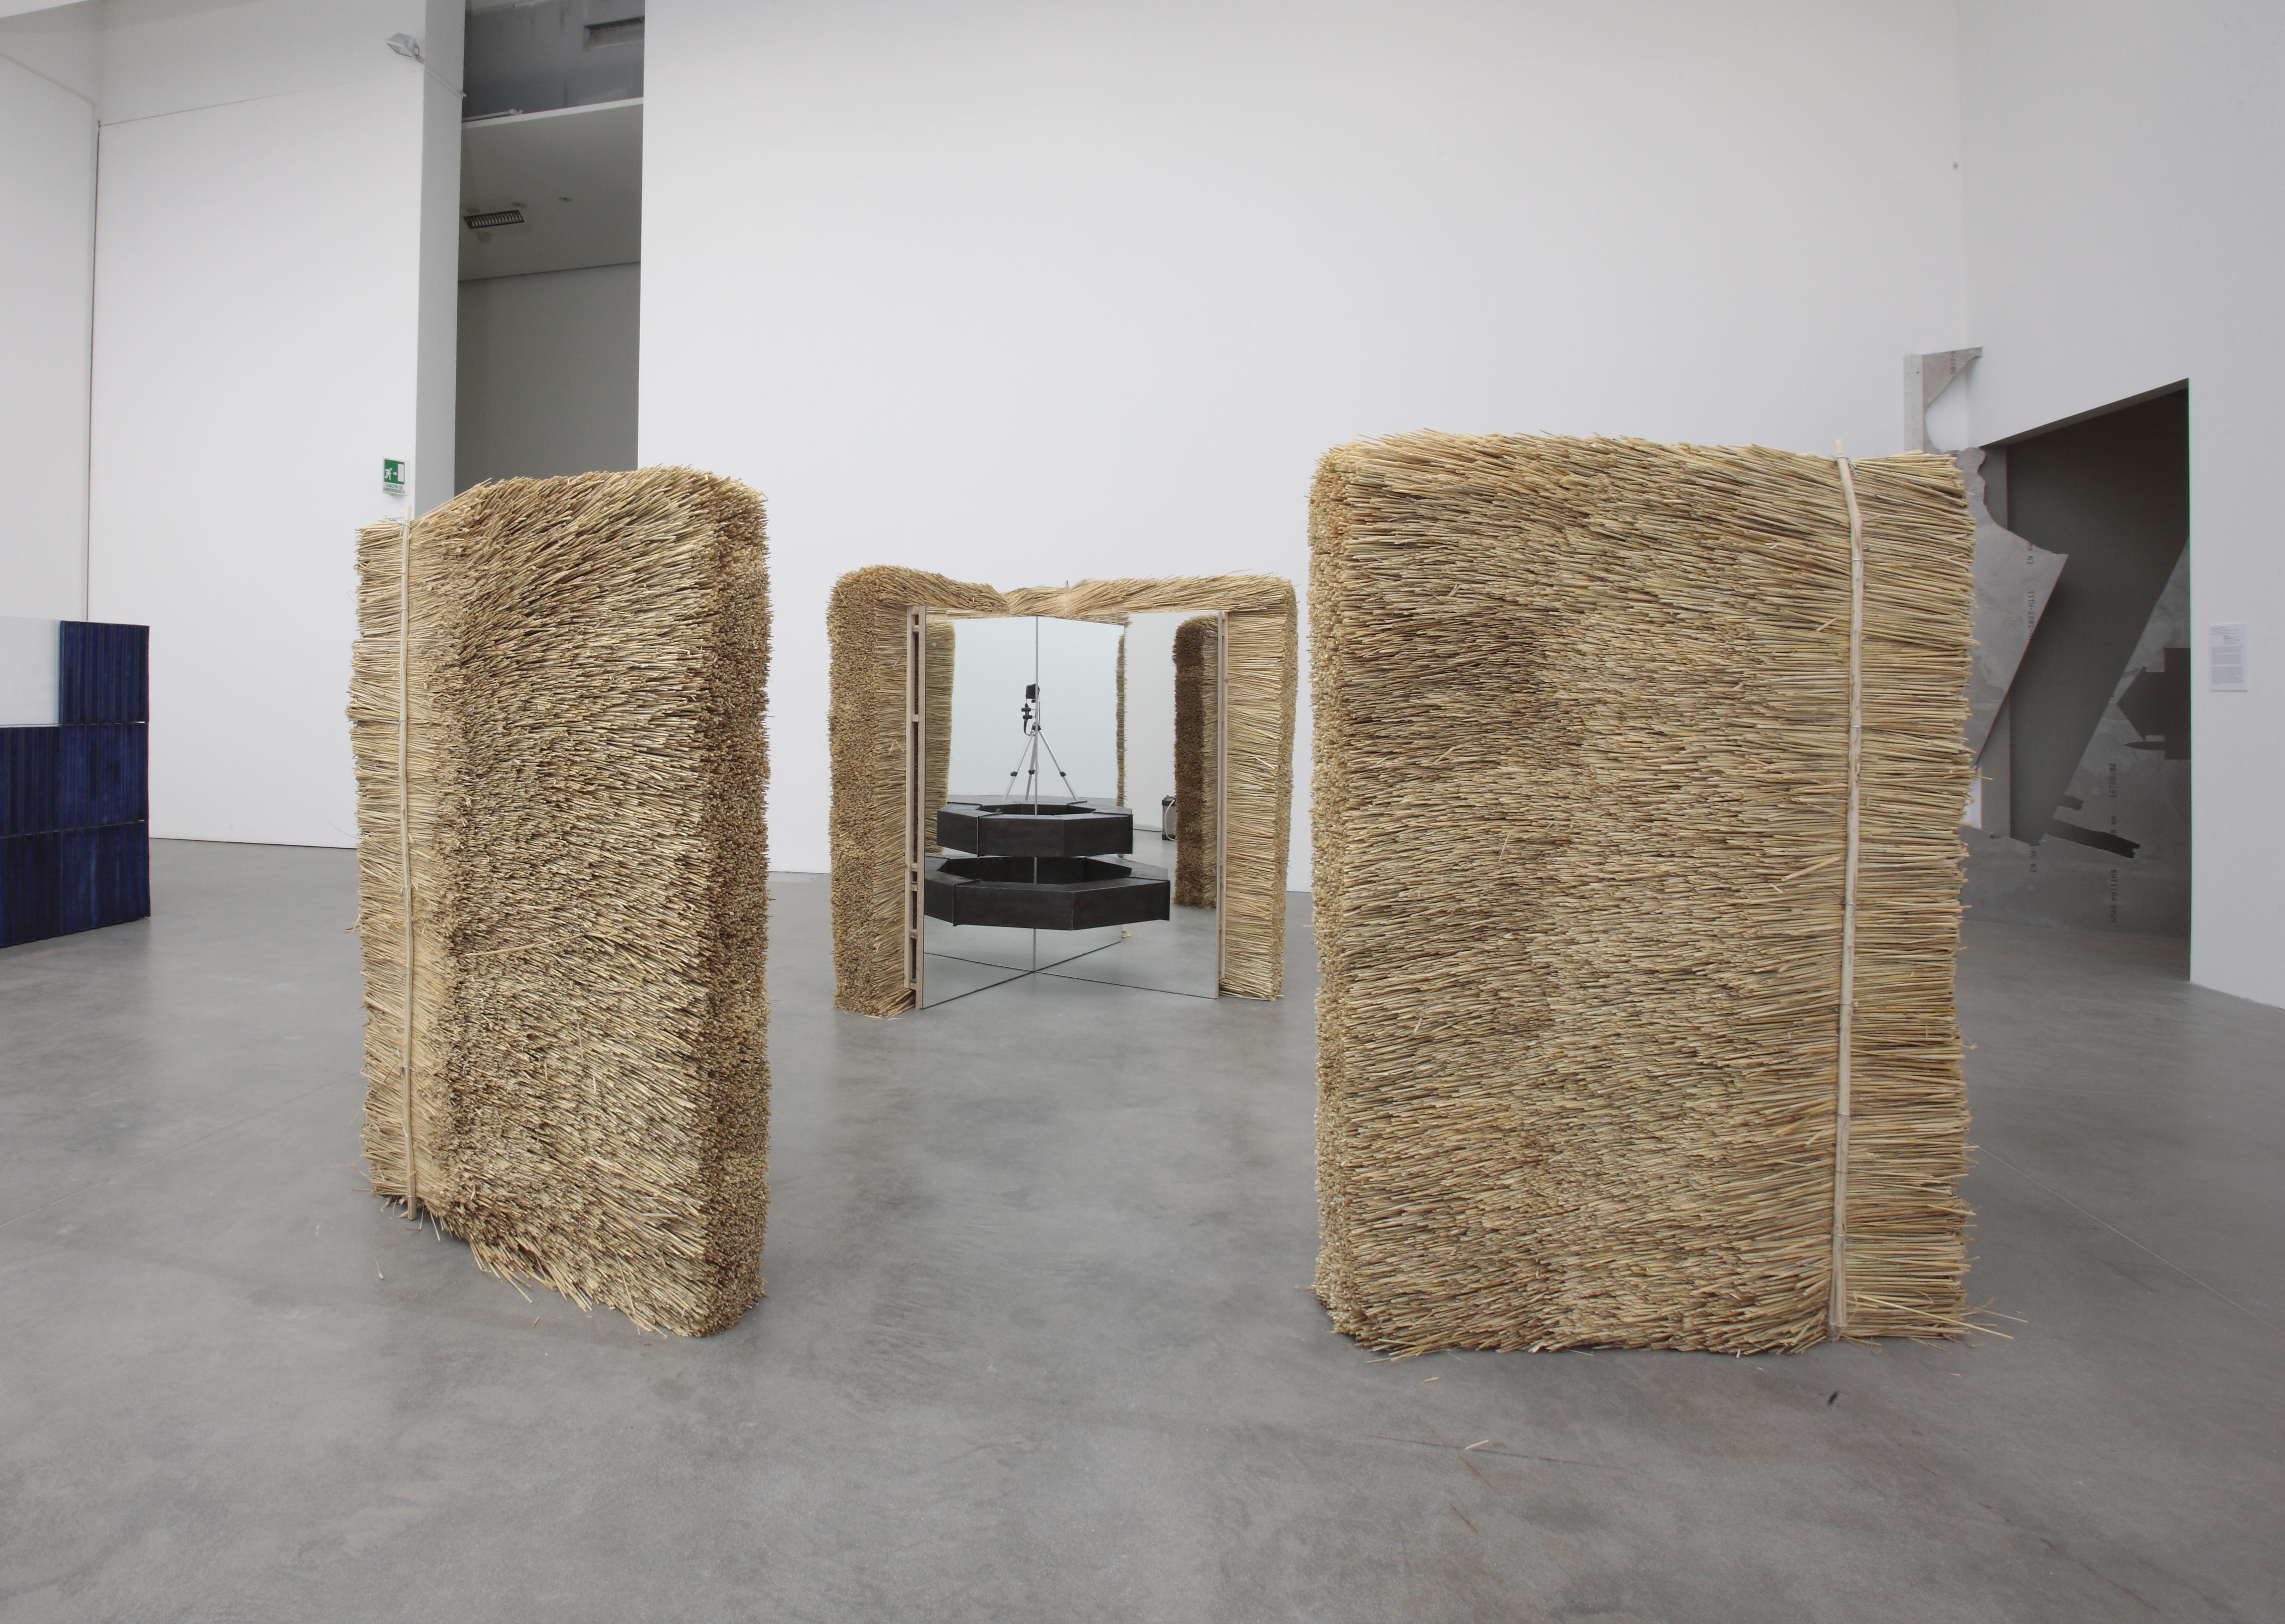 Einzelhof, exhibition view at Un' Espressione Geografica, Fondazione Sandretto Re Rebaudengo, Torino, 2011